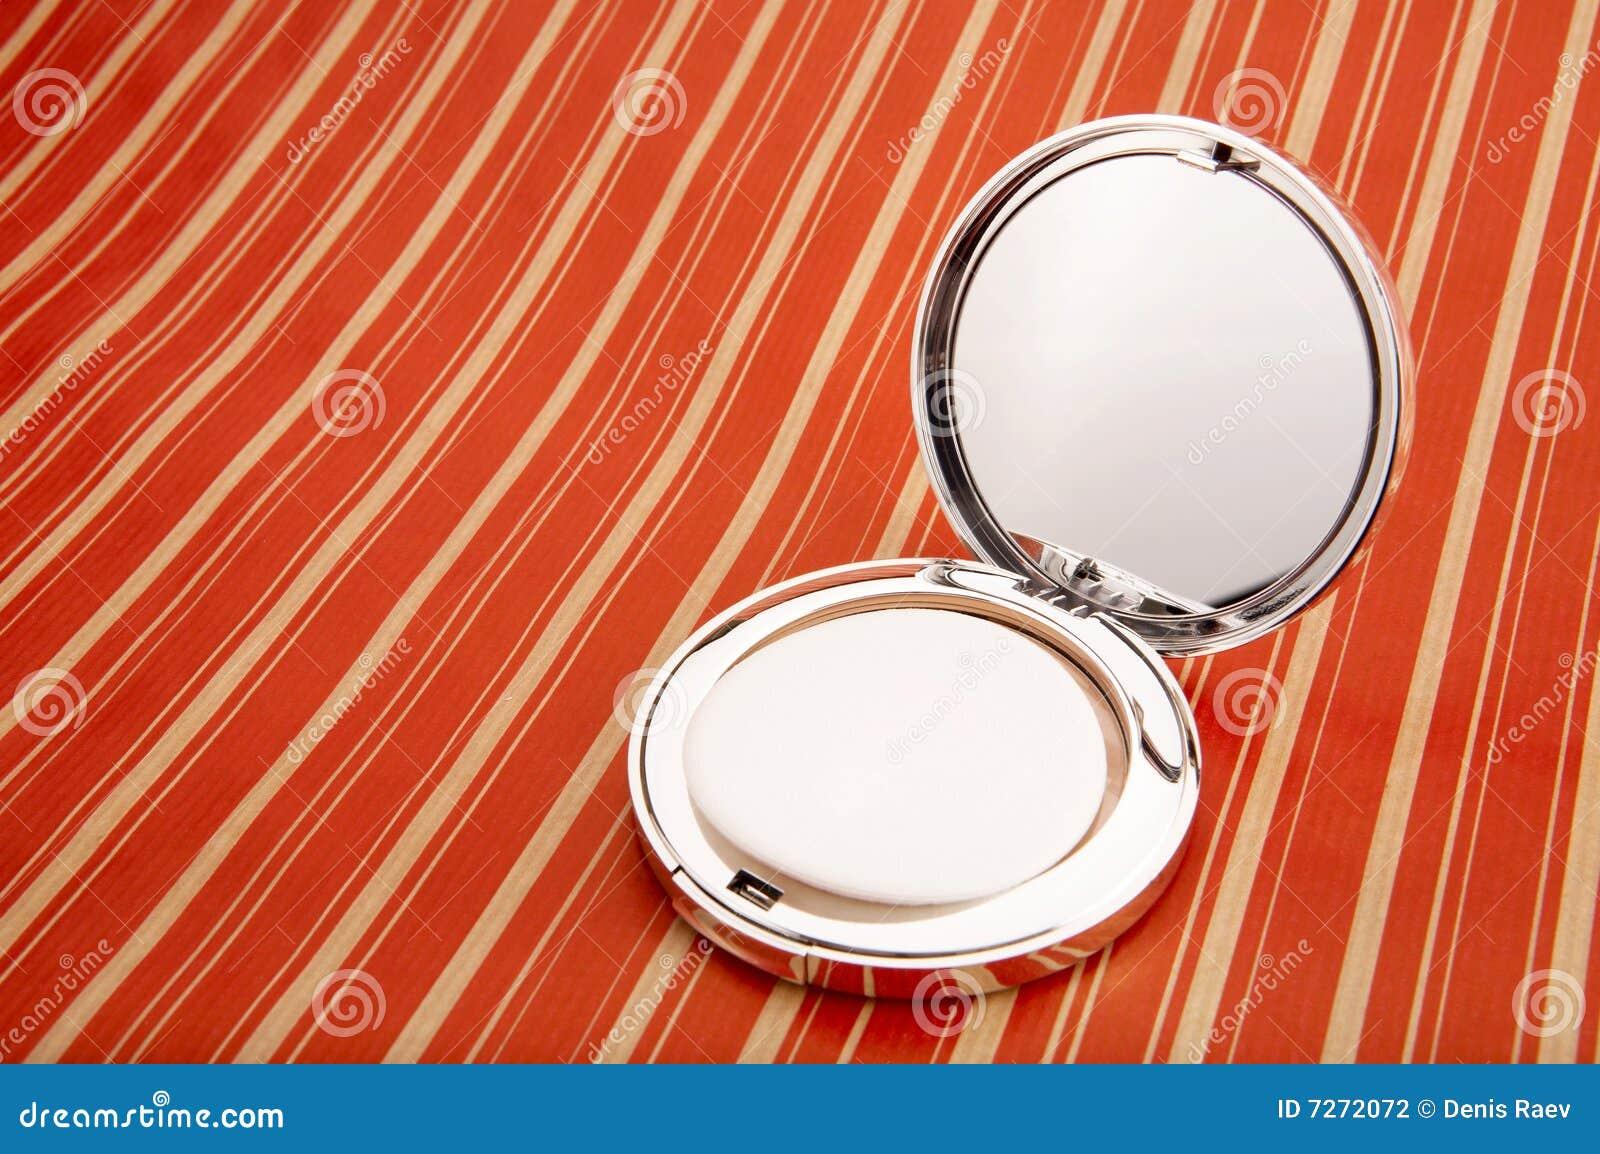 Piccolo specchio fotografia stock immagine di trattamento for Specchio antico piccolo